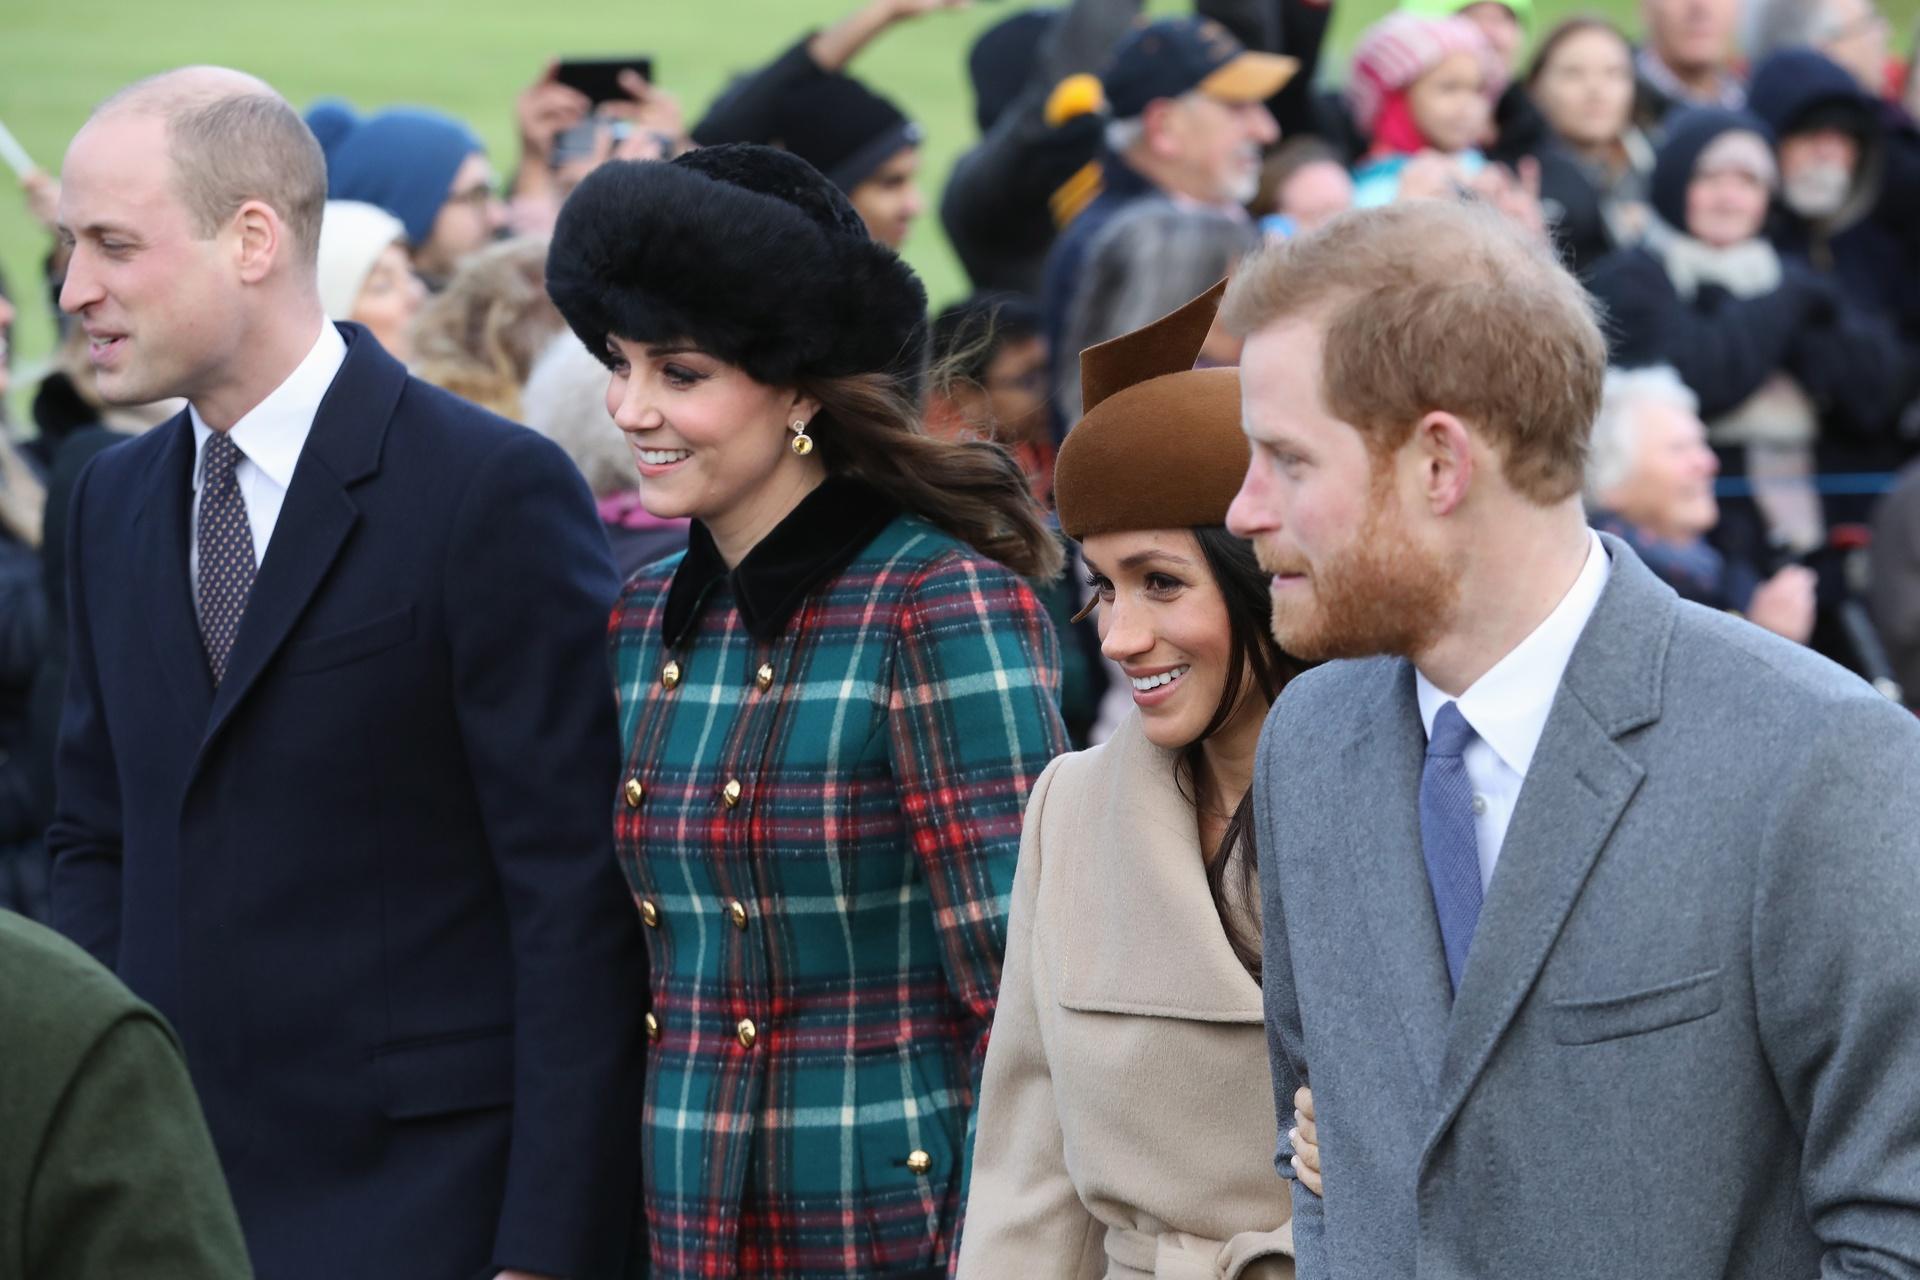 Sie ist jung, beliebt und unkonventionell: die neue Generation der britischen Royals. Der Film zeigt, wie Prinz William & Co. frischen Wind in die Monarchie bringen.  © ZDF/Getty Images/Press Associatio